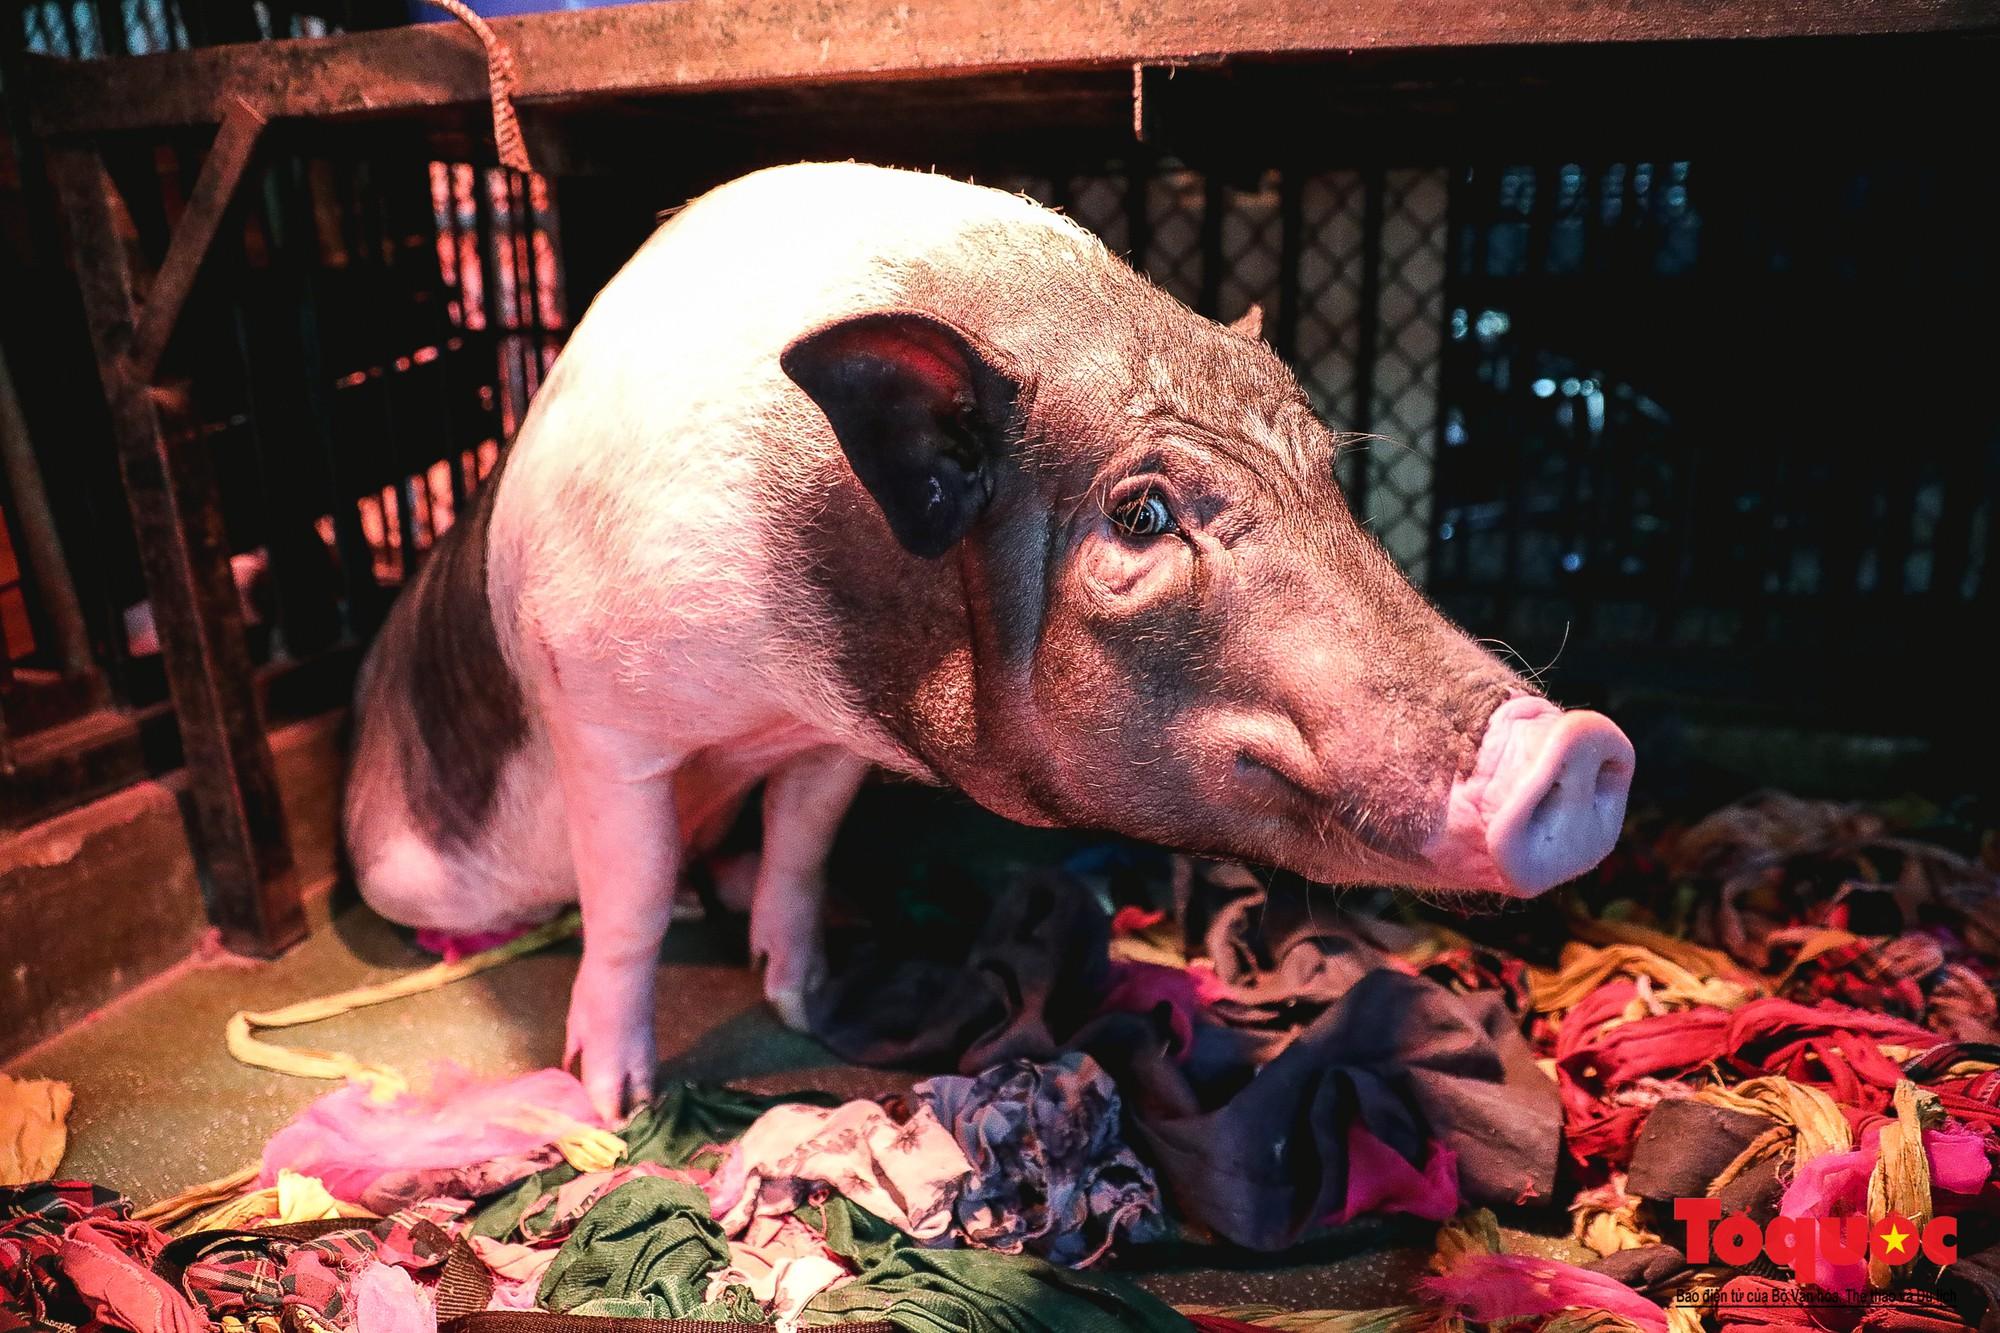 Năm Kỷ Hợi: Cùng khám phá nơi huấn luyện xiếc lợn đầu tiên của Việt Nam - Ảnh 9.